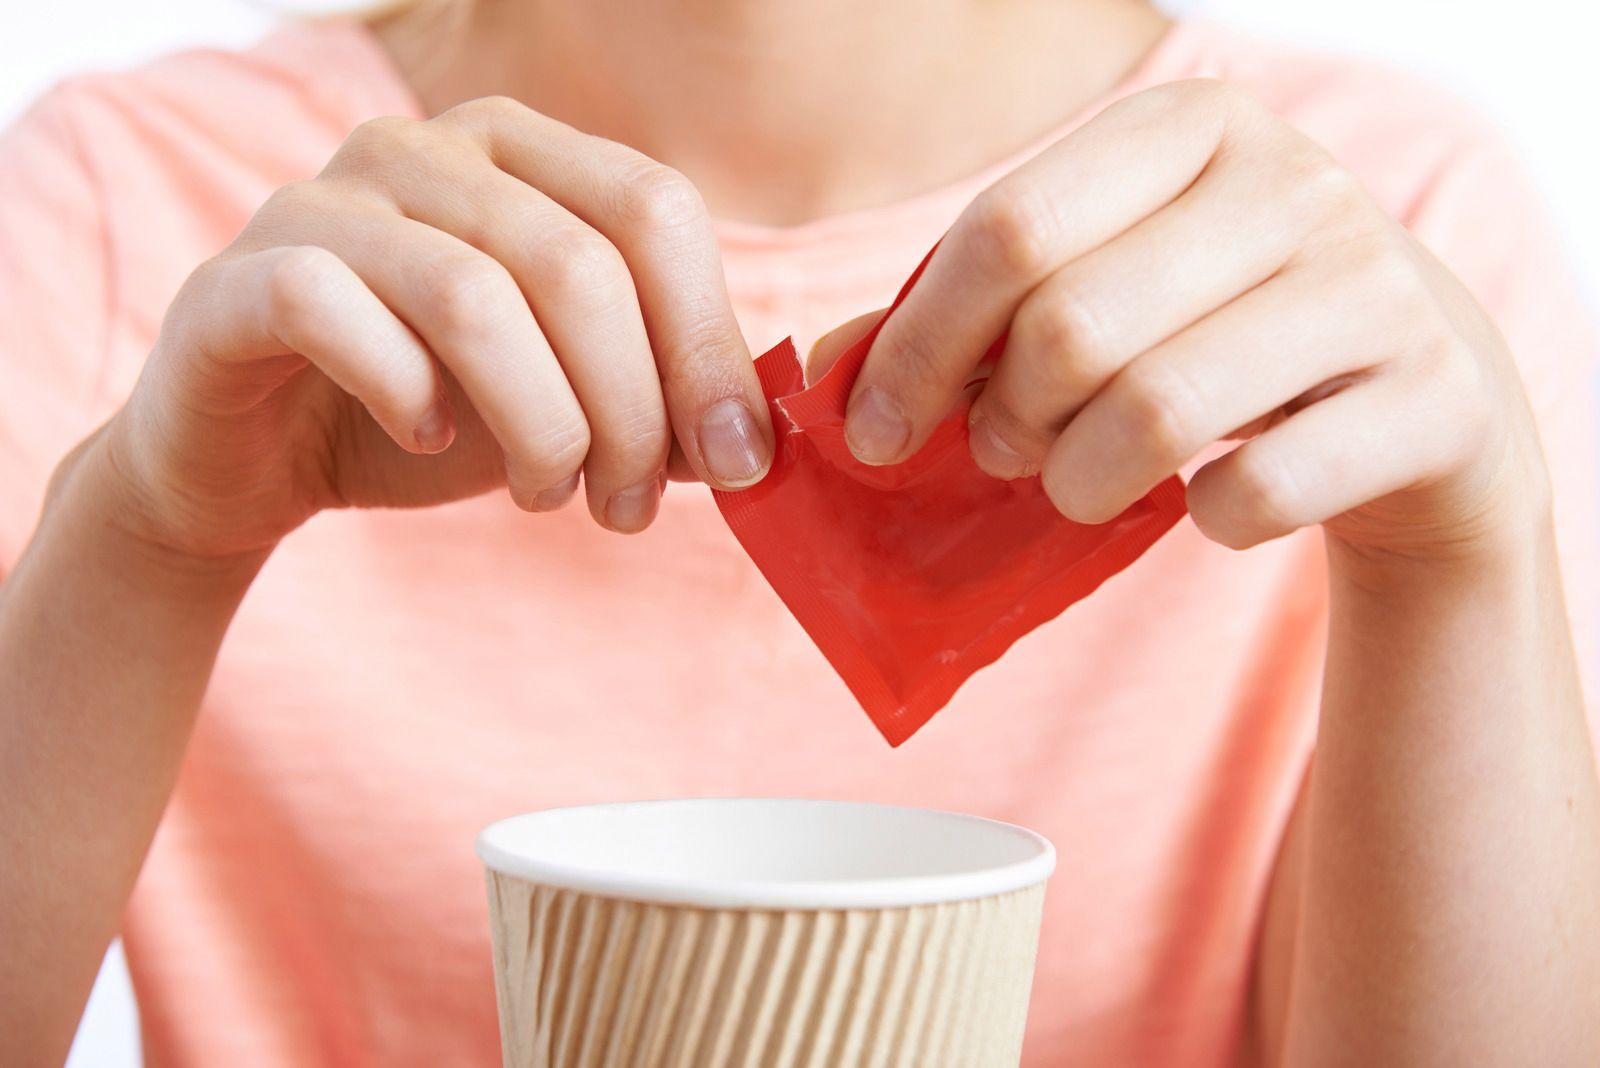 ¿Qué efectos secundarios produce el endulzante Splenda sobre nuestra salud?